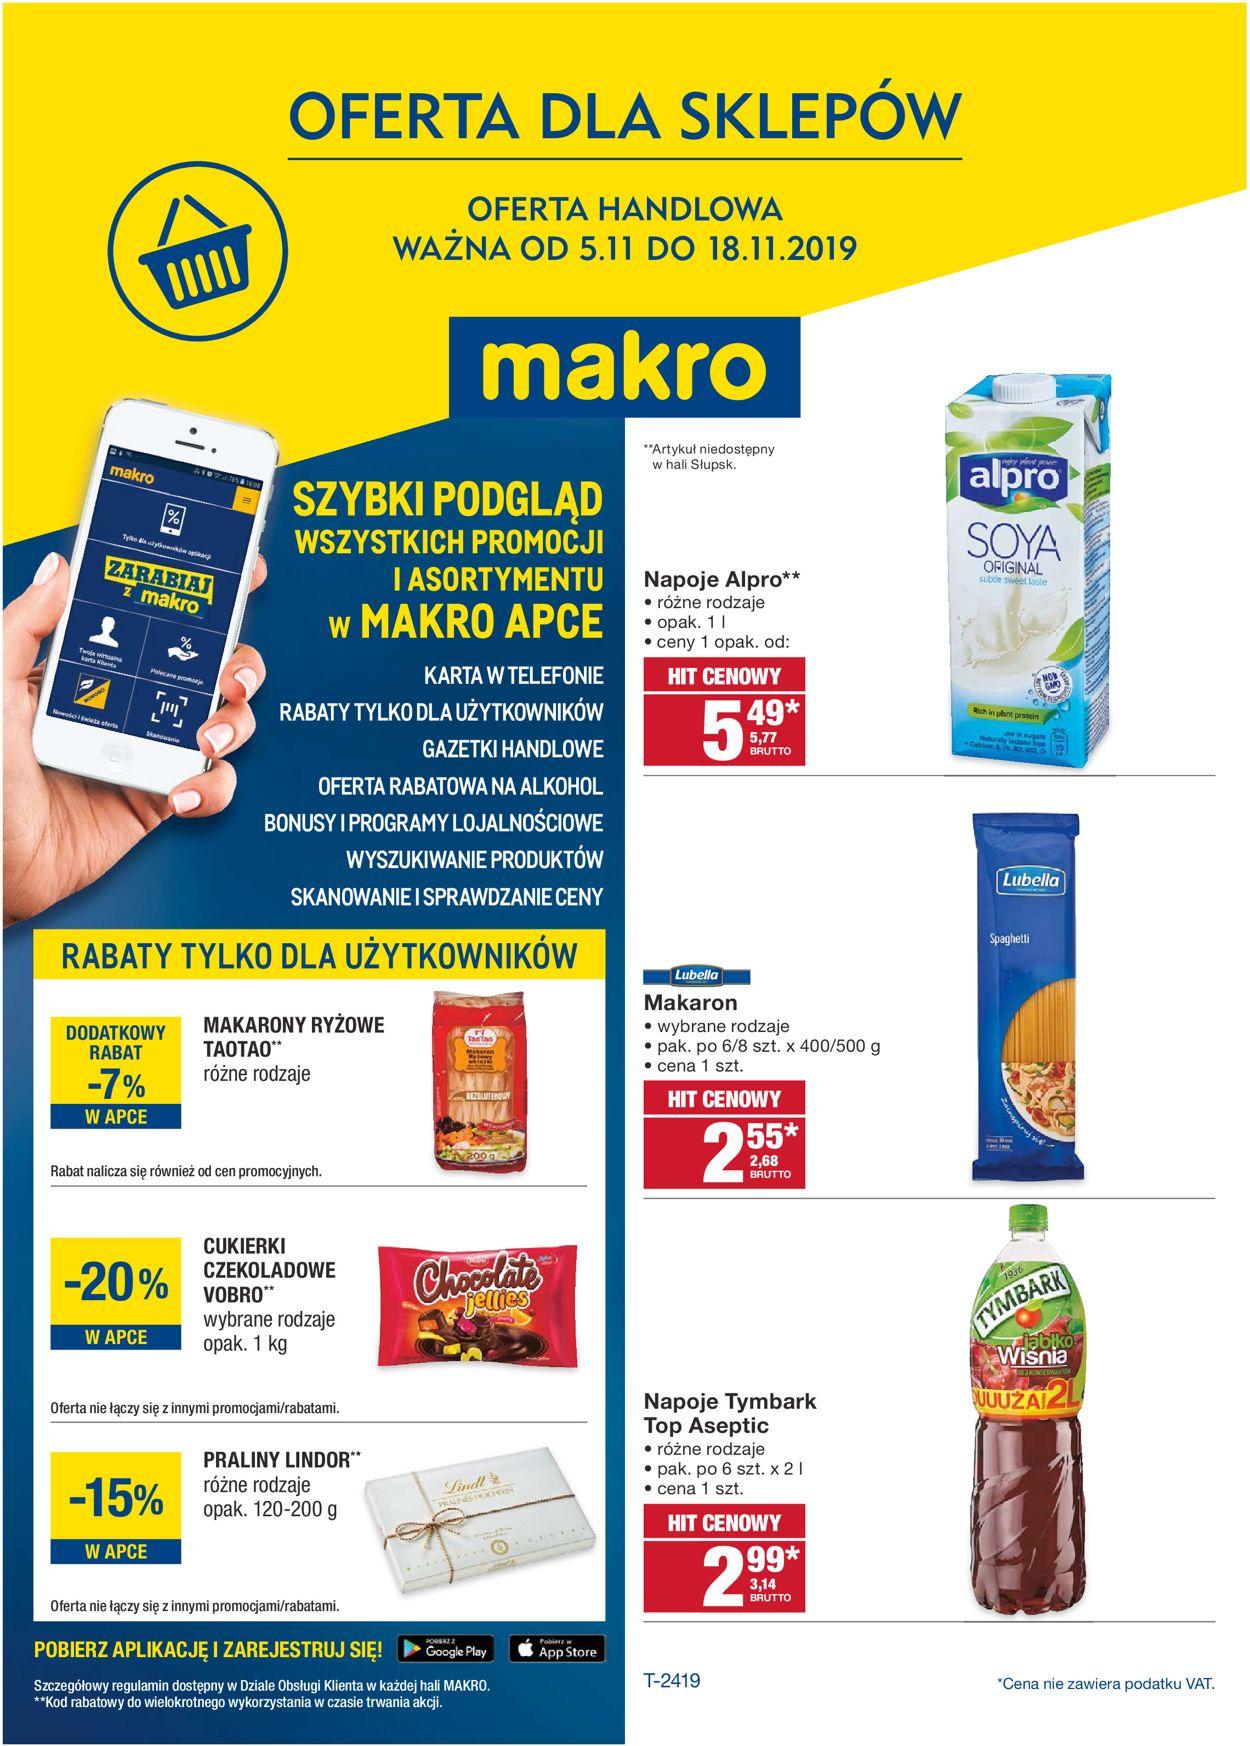 Gazetka promocyjna Makro - 05.11-18.11.2019